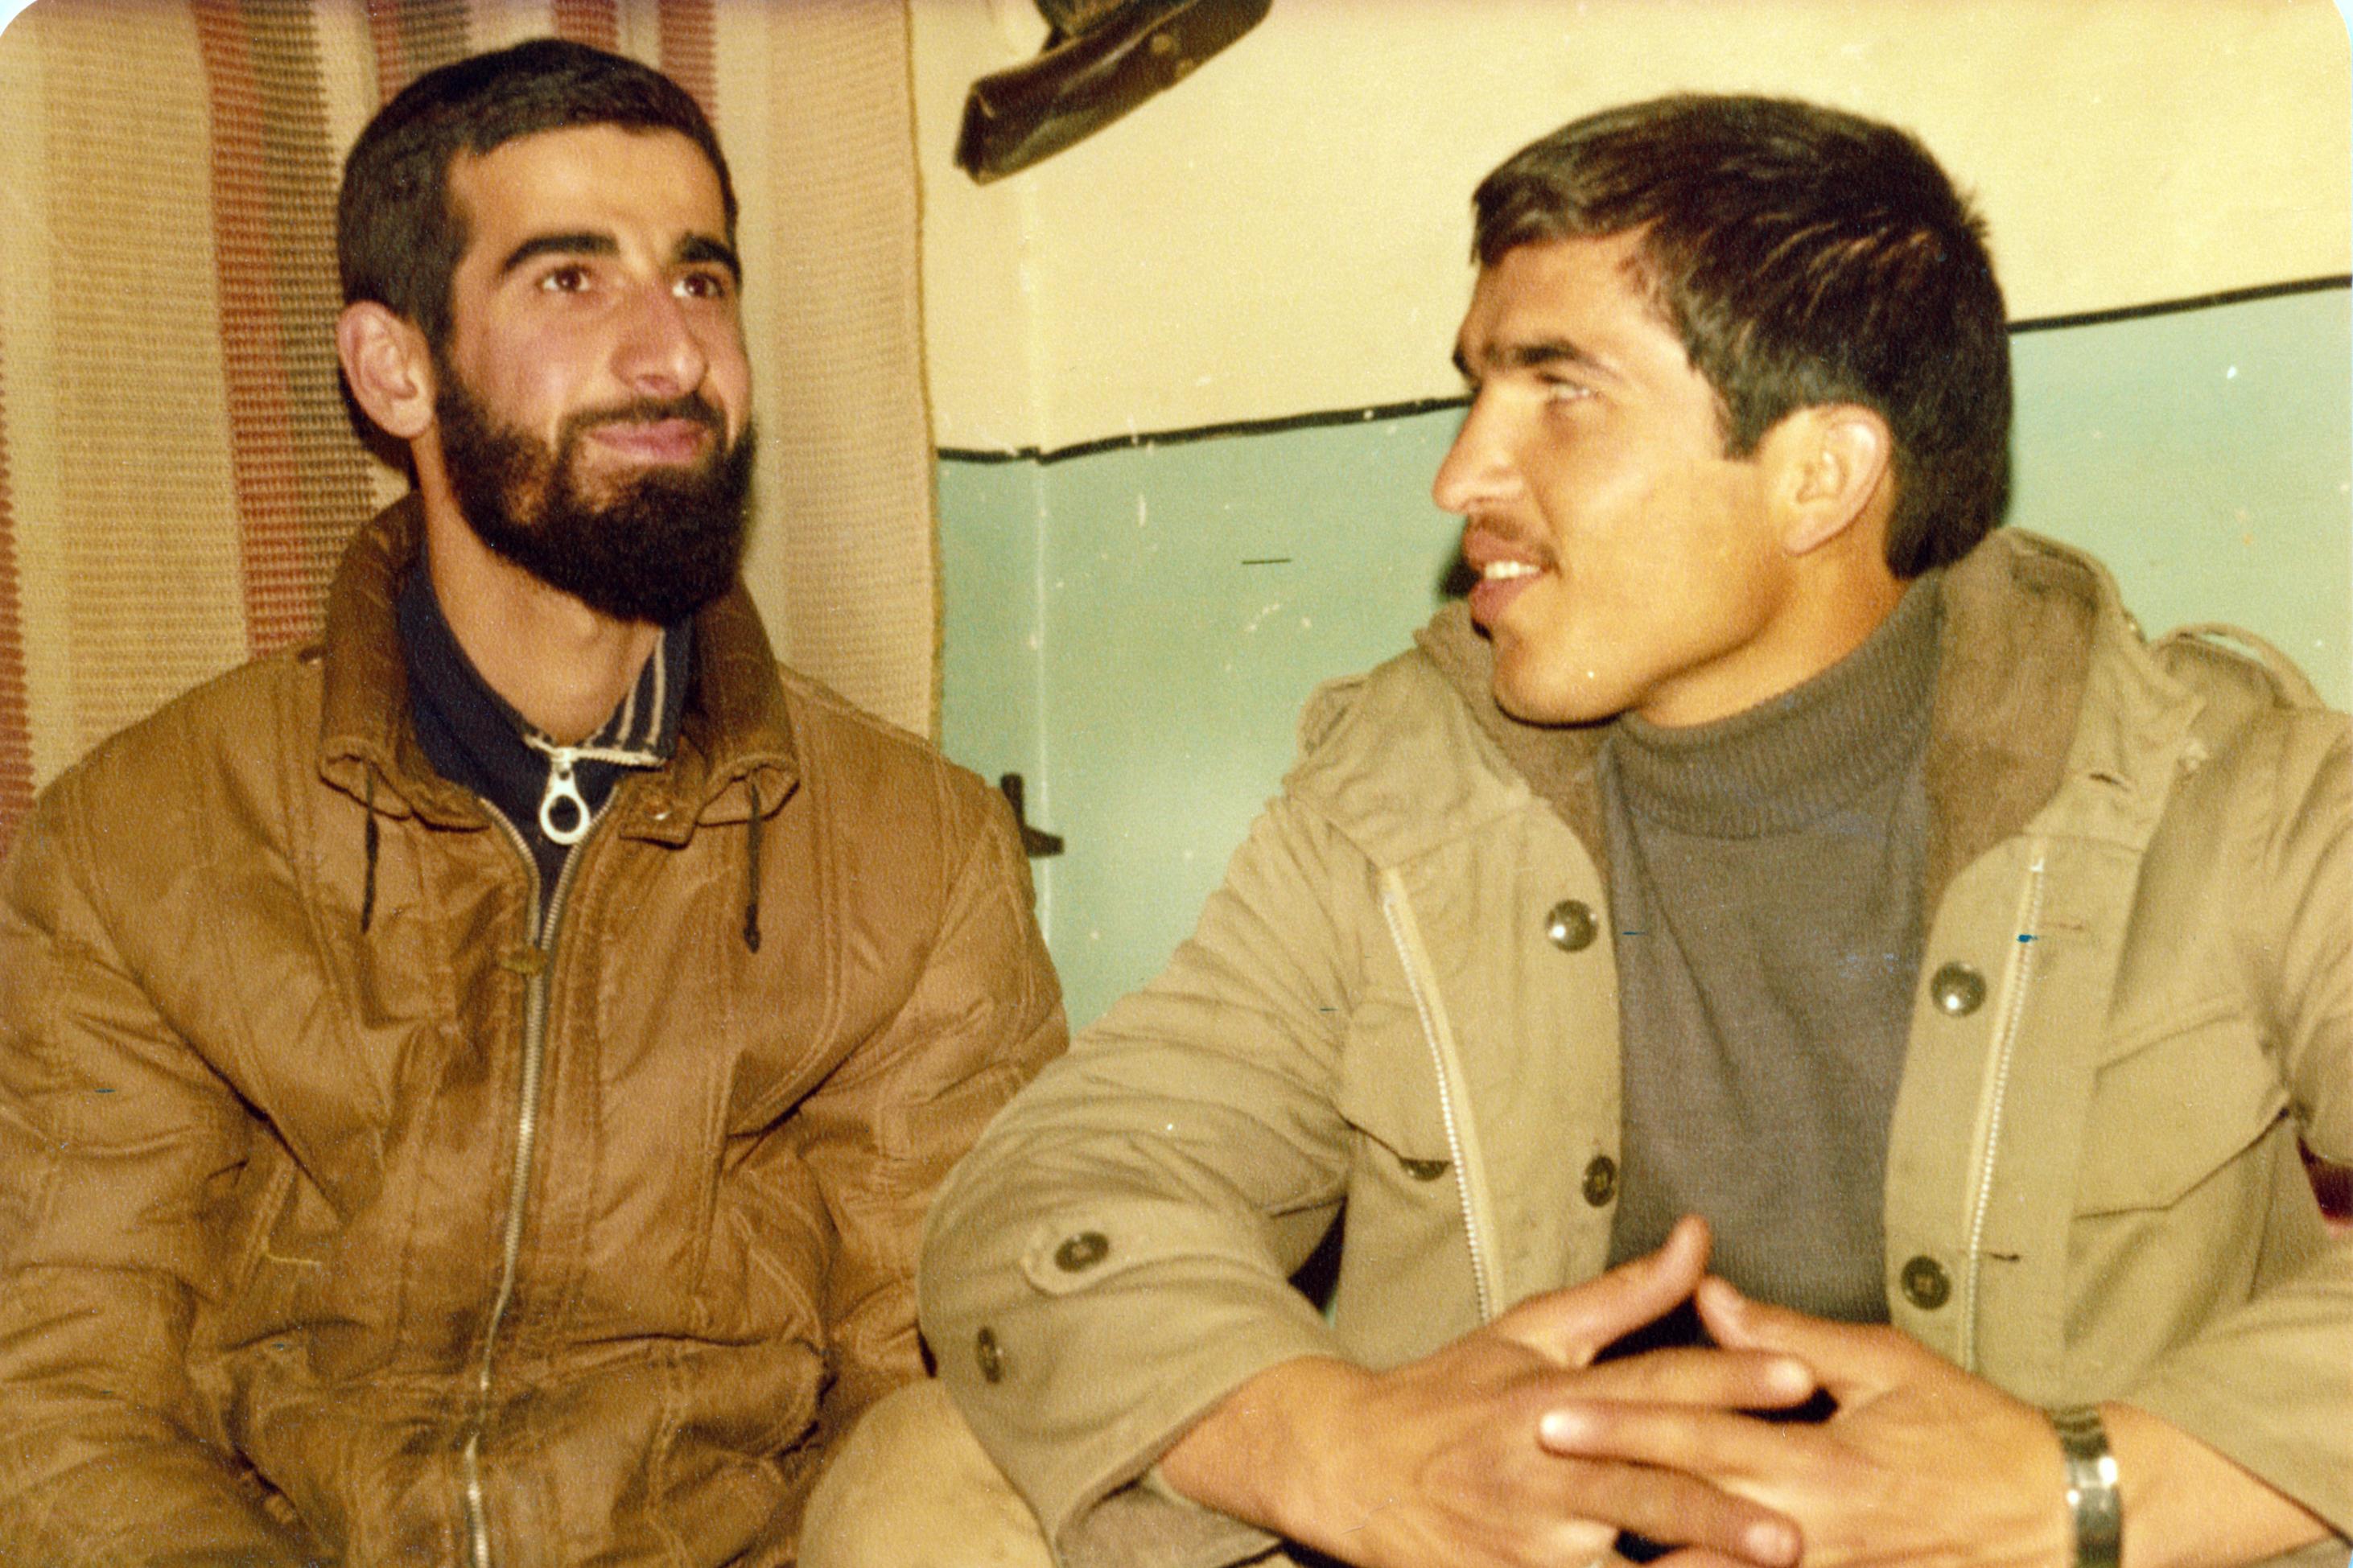 دیدار با امام (ره) بدون حضور داماد/ افتخار رزمندگی از غرب کشور تا لبنان همراه با متوسلیان